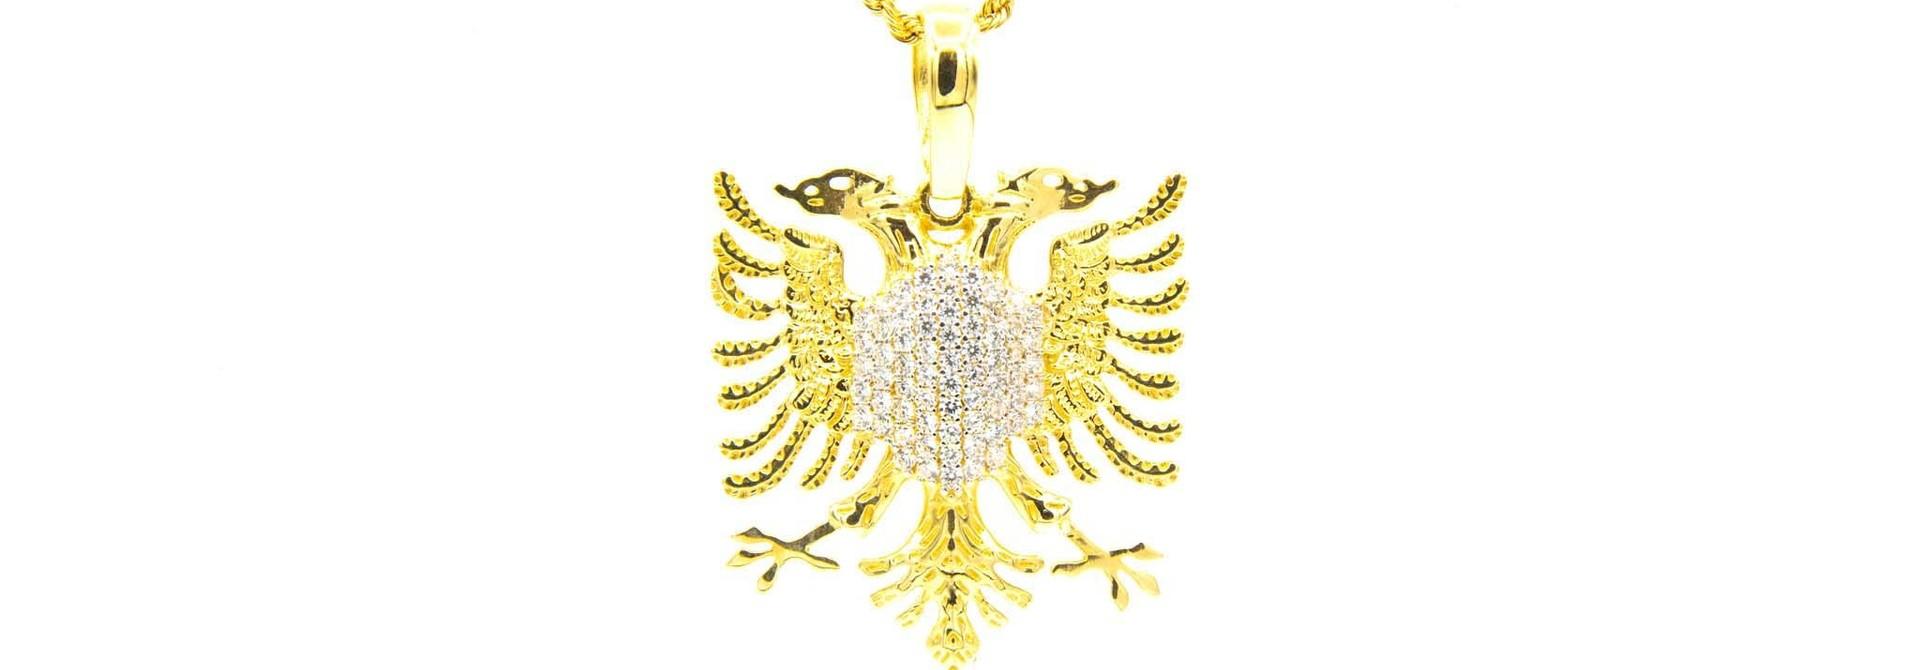 Hanger adelaar borst ingelegd met zirkonia's